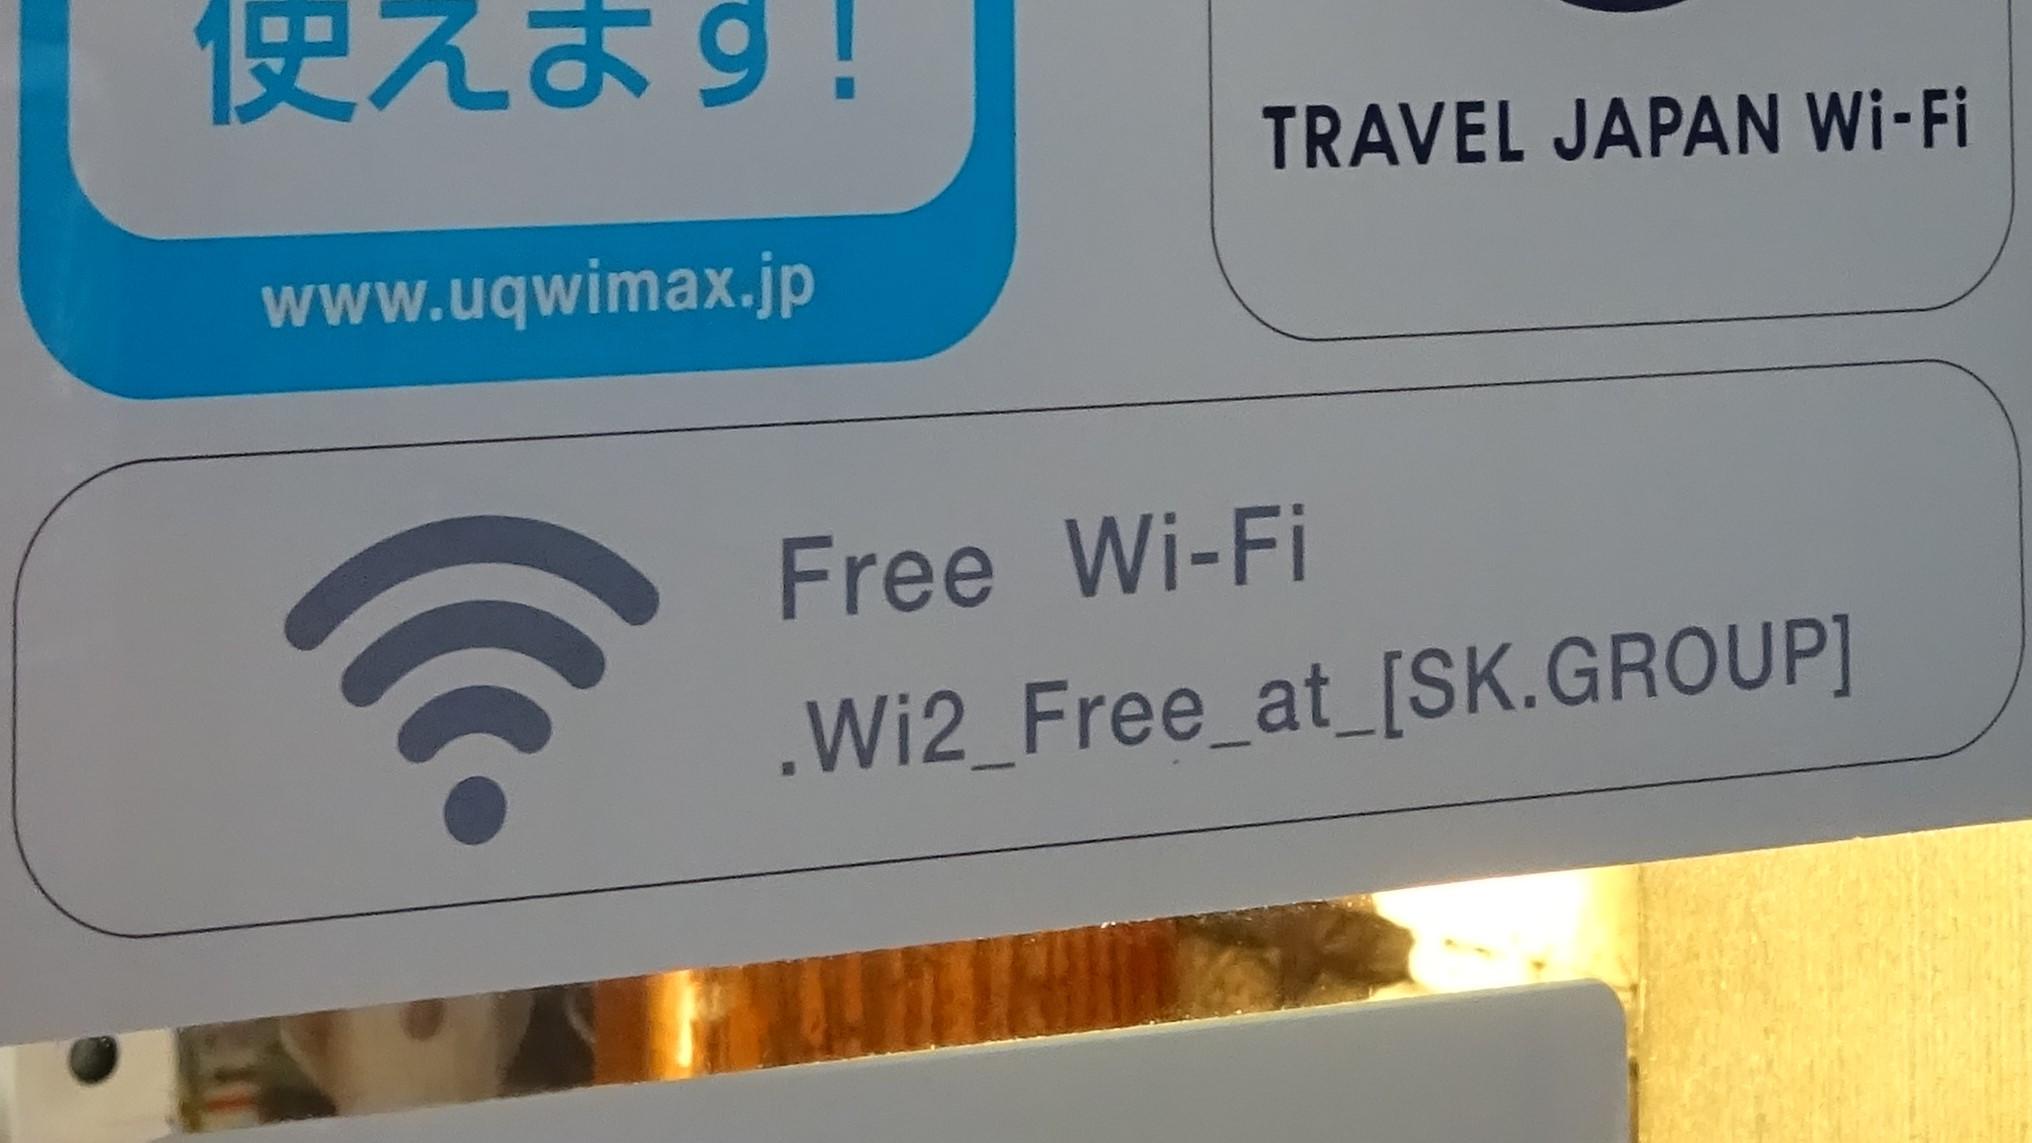 すかいらーくグループで利用できる無料Wi-Fi「すかいらーくWi-Fi」の設定方法と接続手順